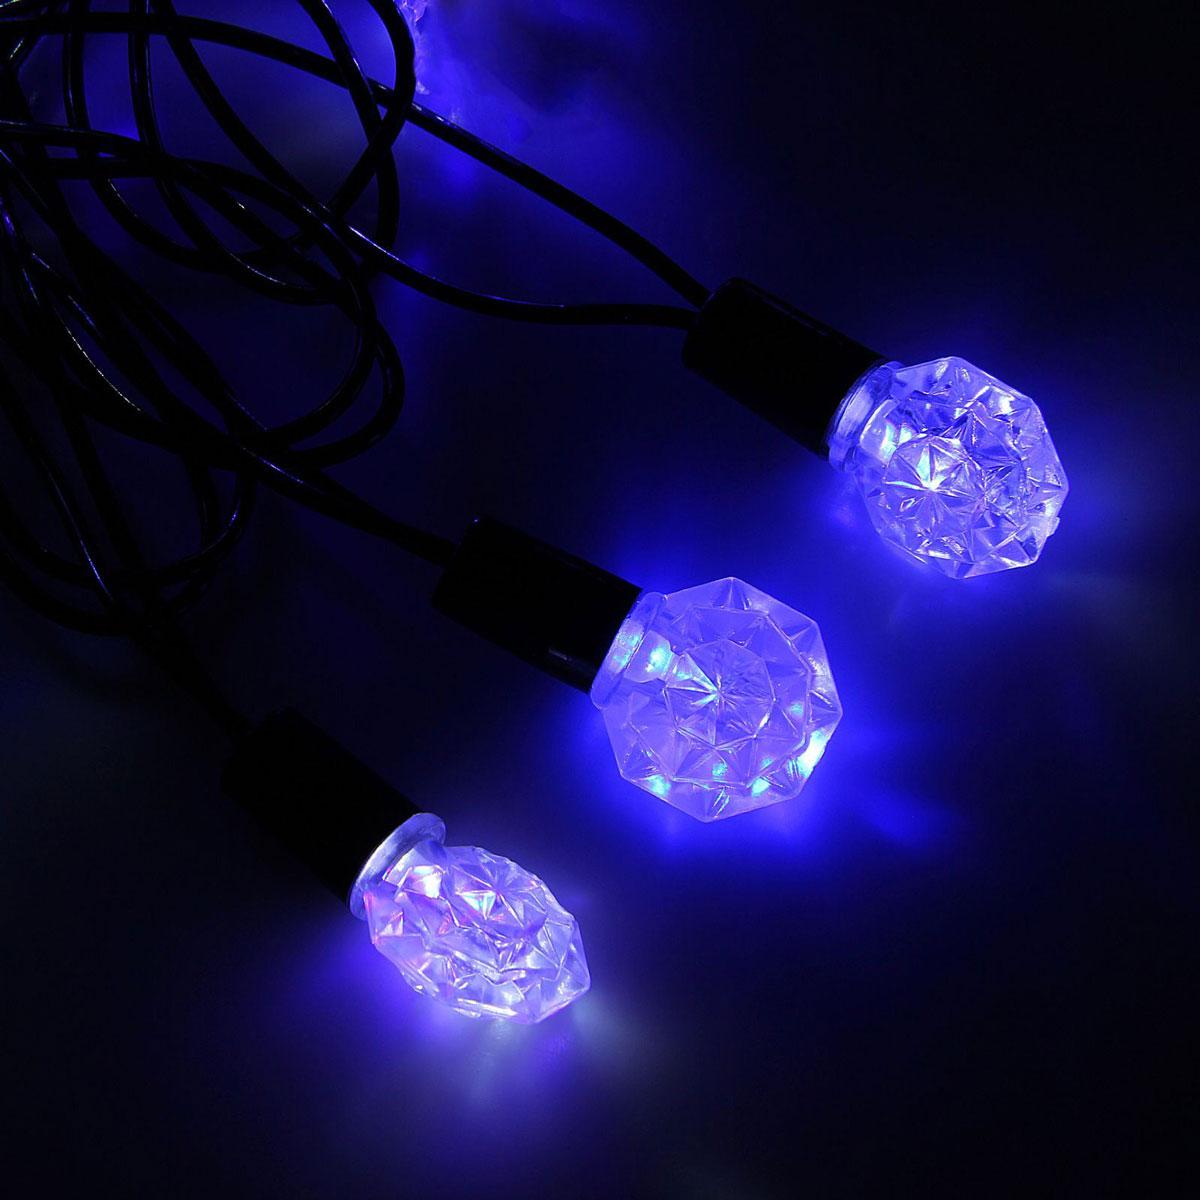 Гирлянда светодиодная Luazon Метраж. Грани, уличная с насадкой, моргает, 40 ламп, 220 V, 5 м, цвет: синий. 1080070